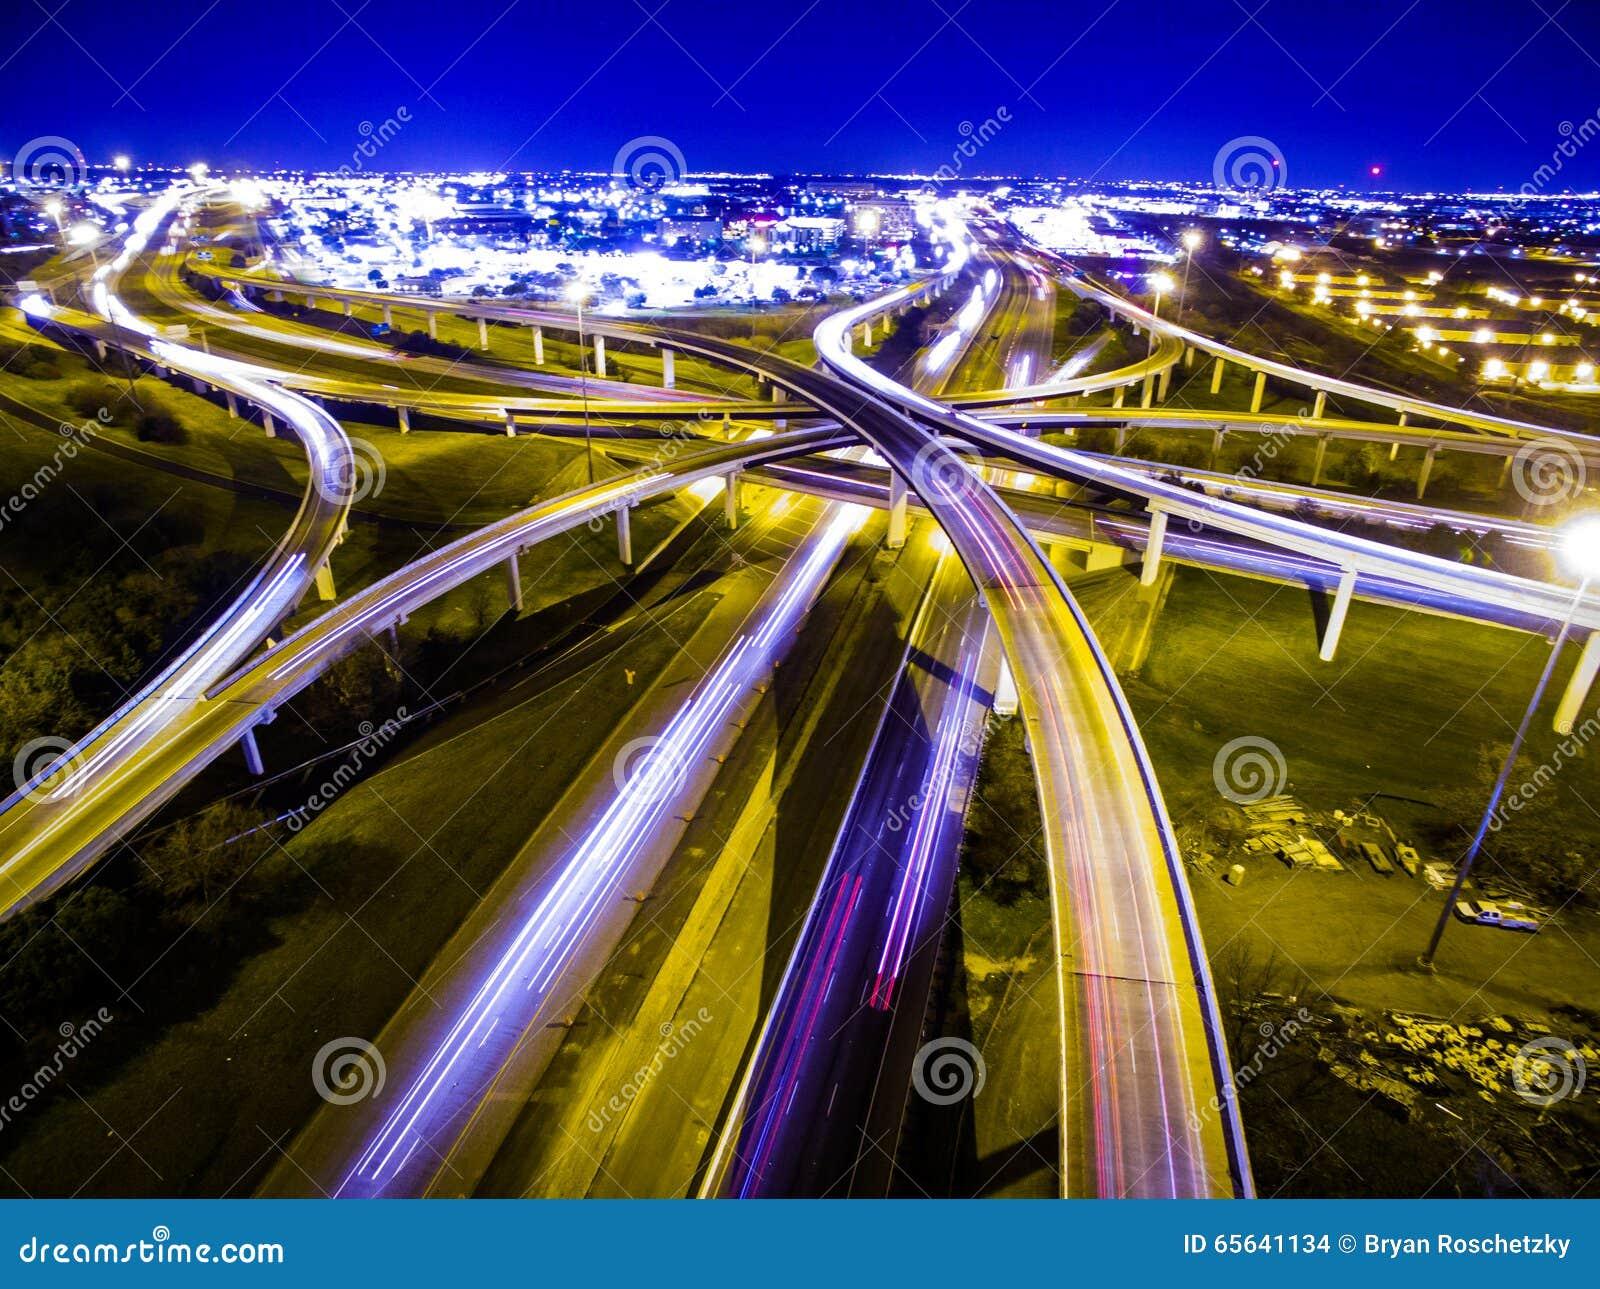 Velocidad del intercambio Austin Traffic Transportation Highway de los lazos de las carreteras de la luz